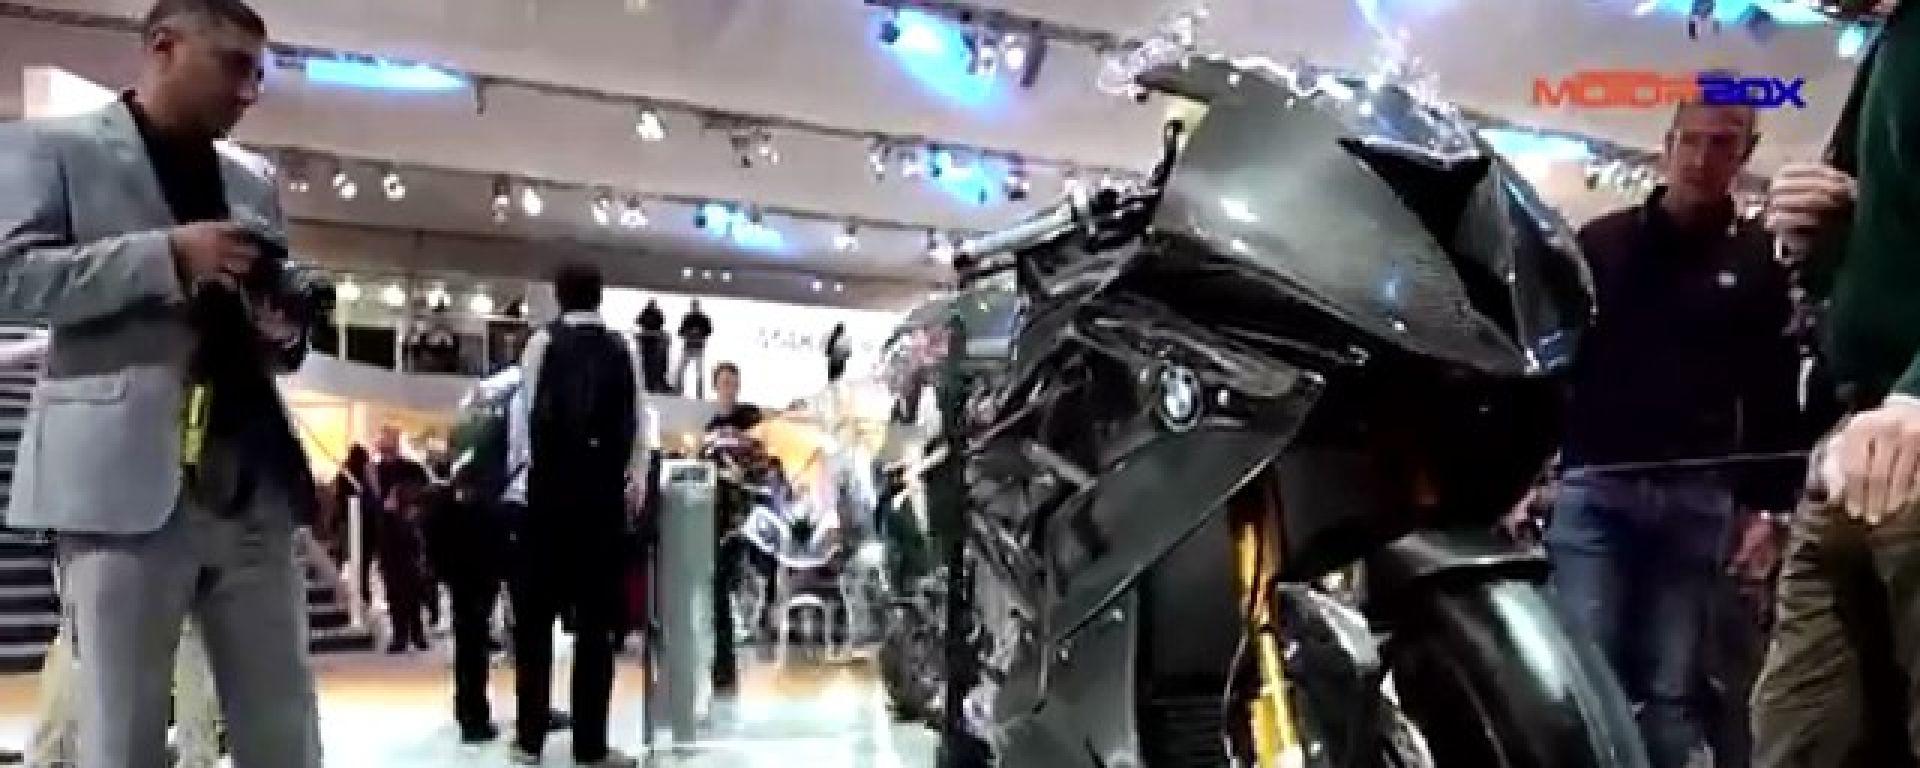 La BMW HP4 RACE sarà costruita con il telaio realizzato interamente in carbonio